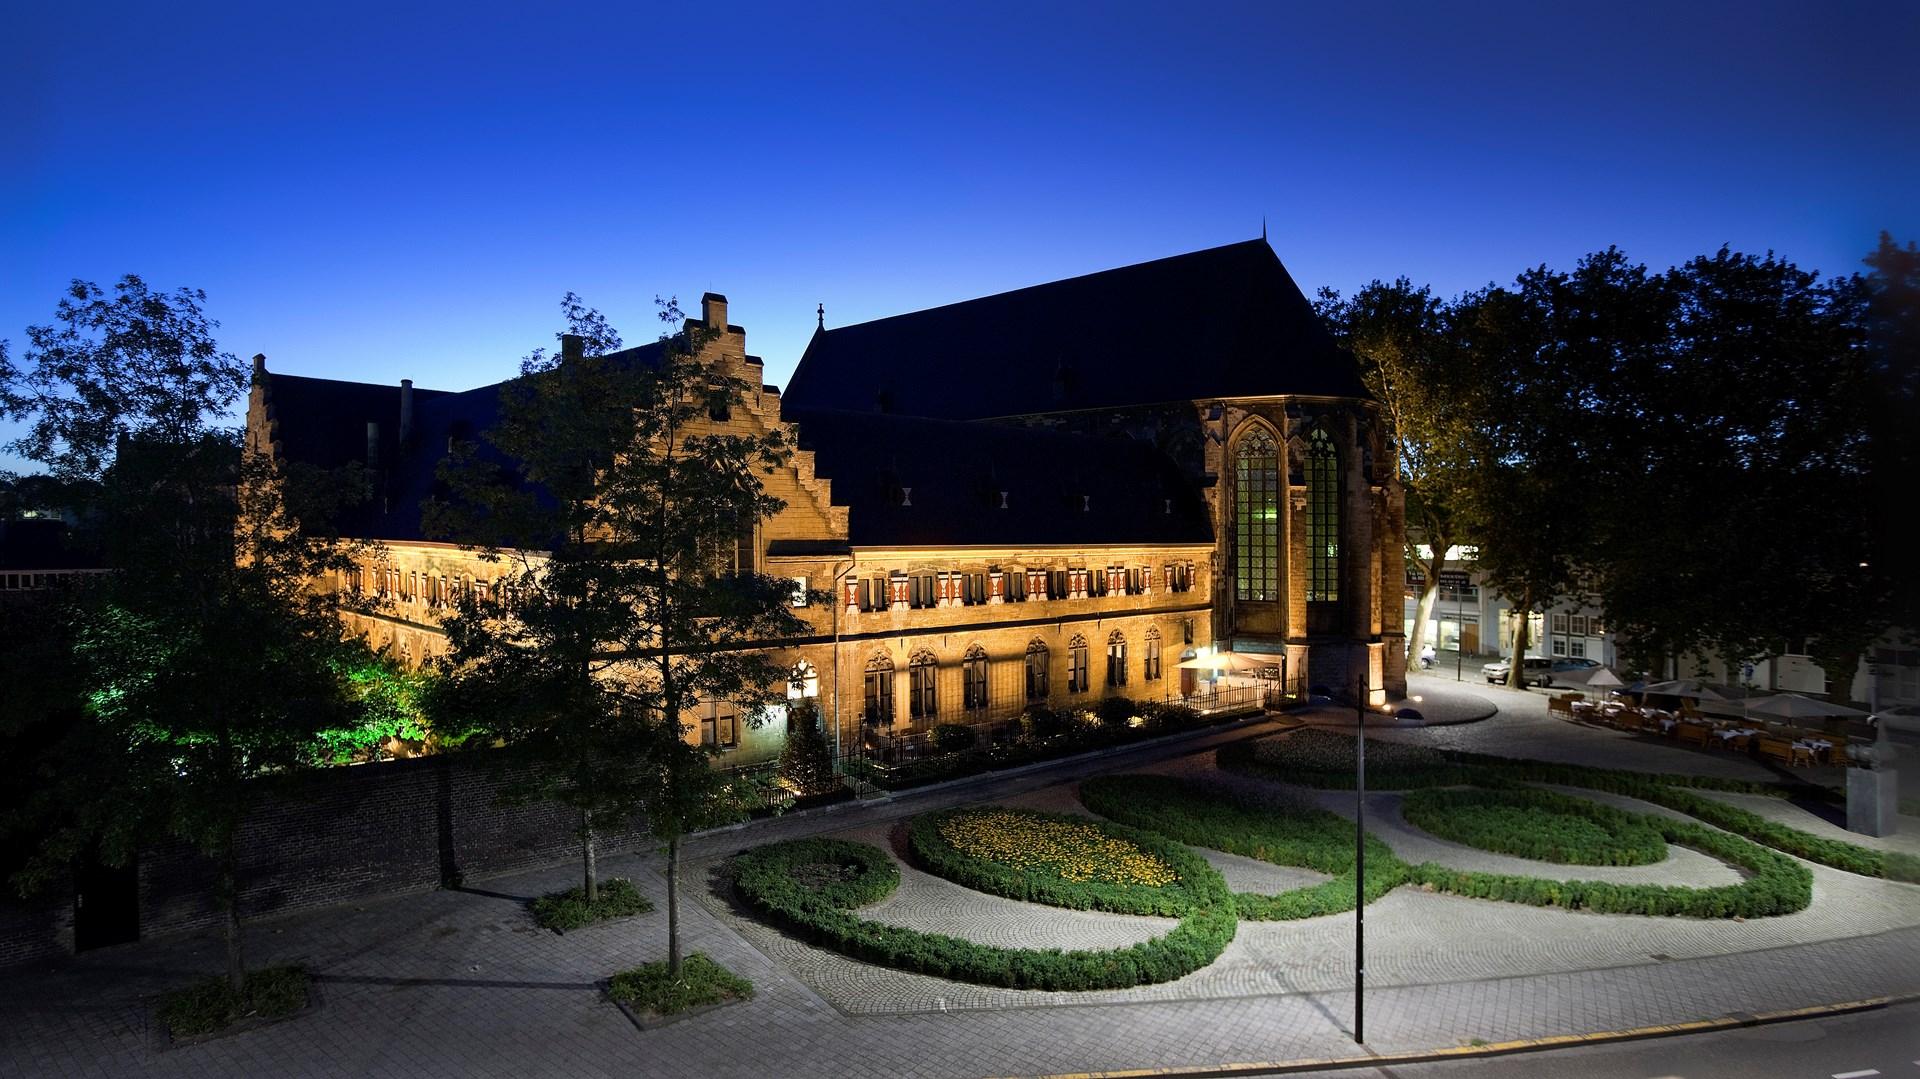 Kruisherenhotel - Maastricht